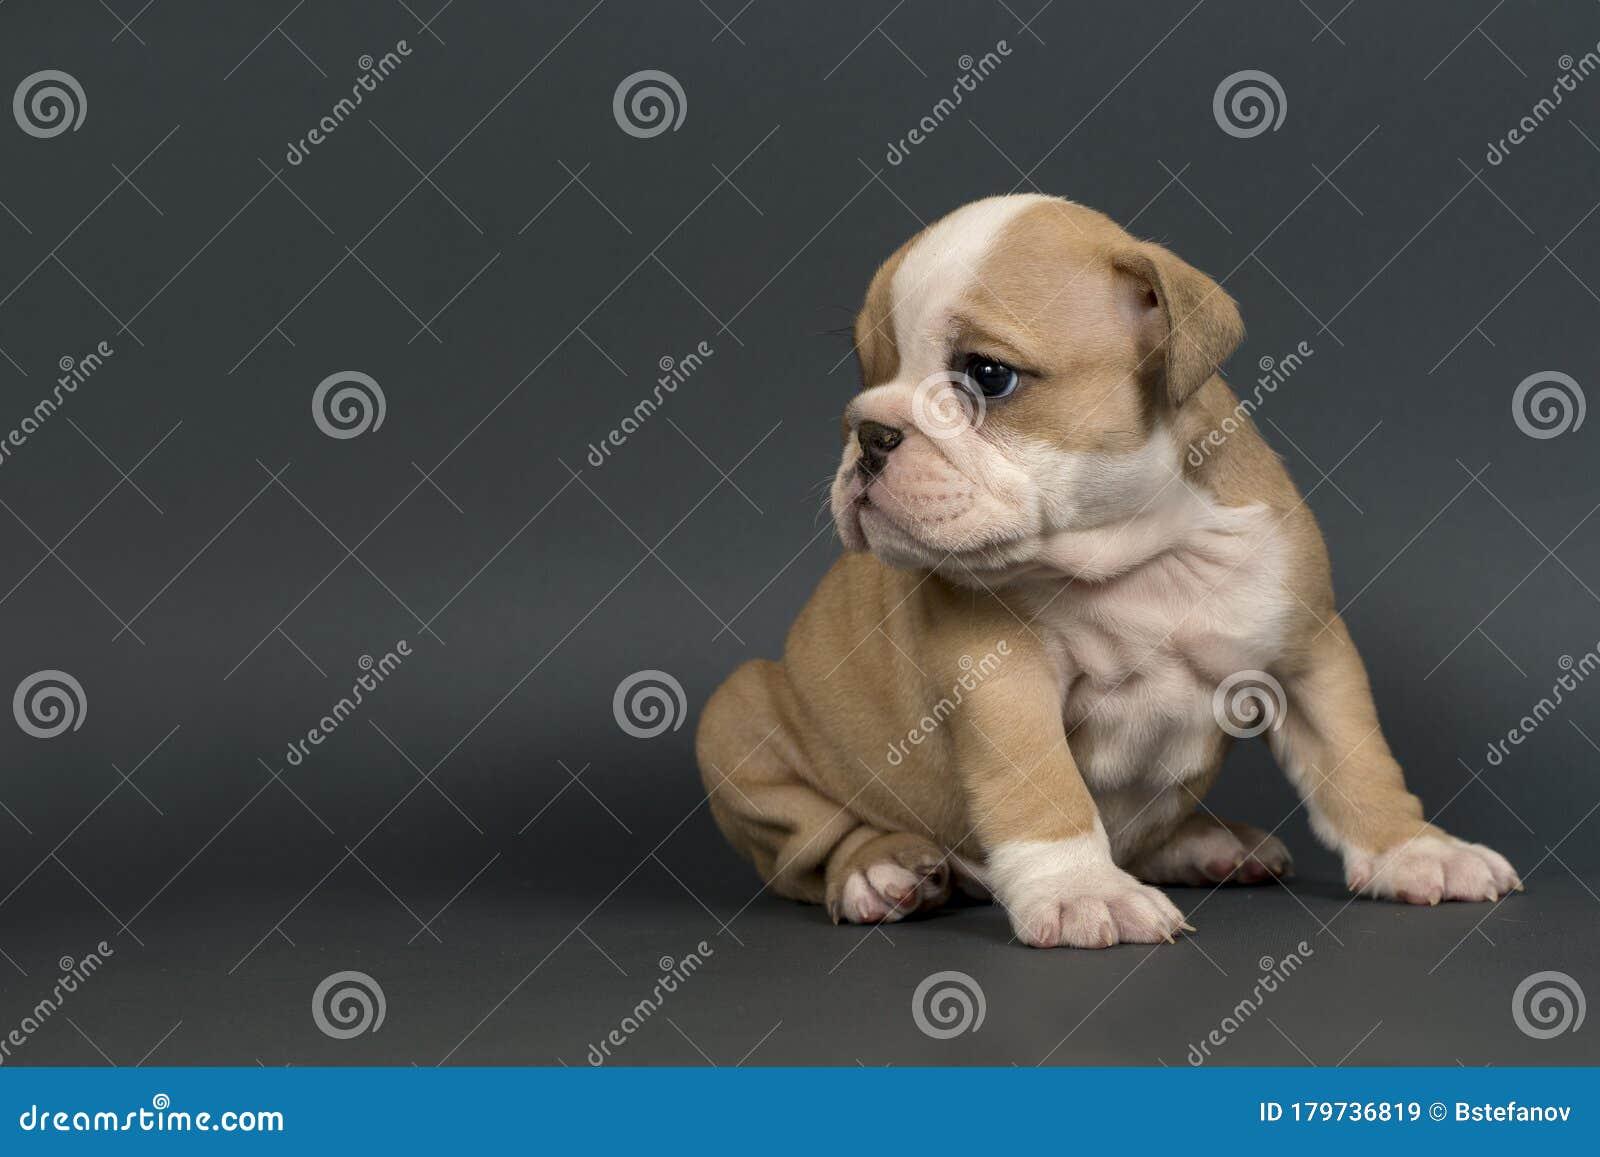 English Bulldog Puppy Stock Image Image Of Doggy British 179736819